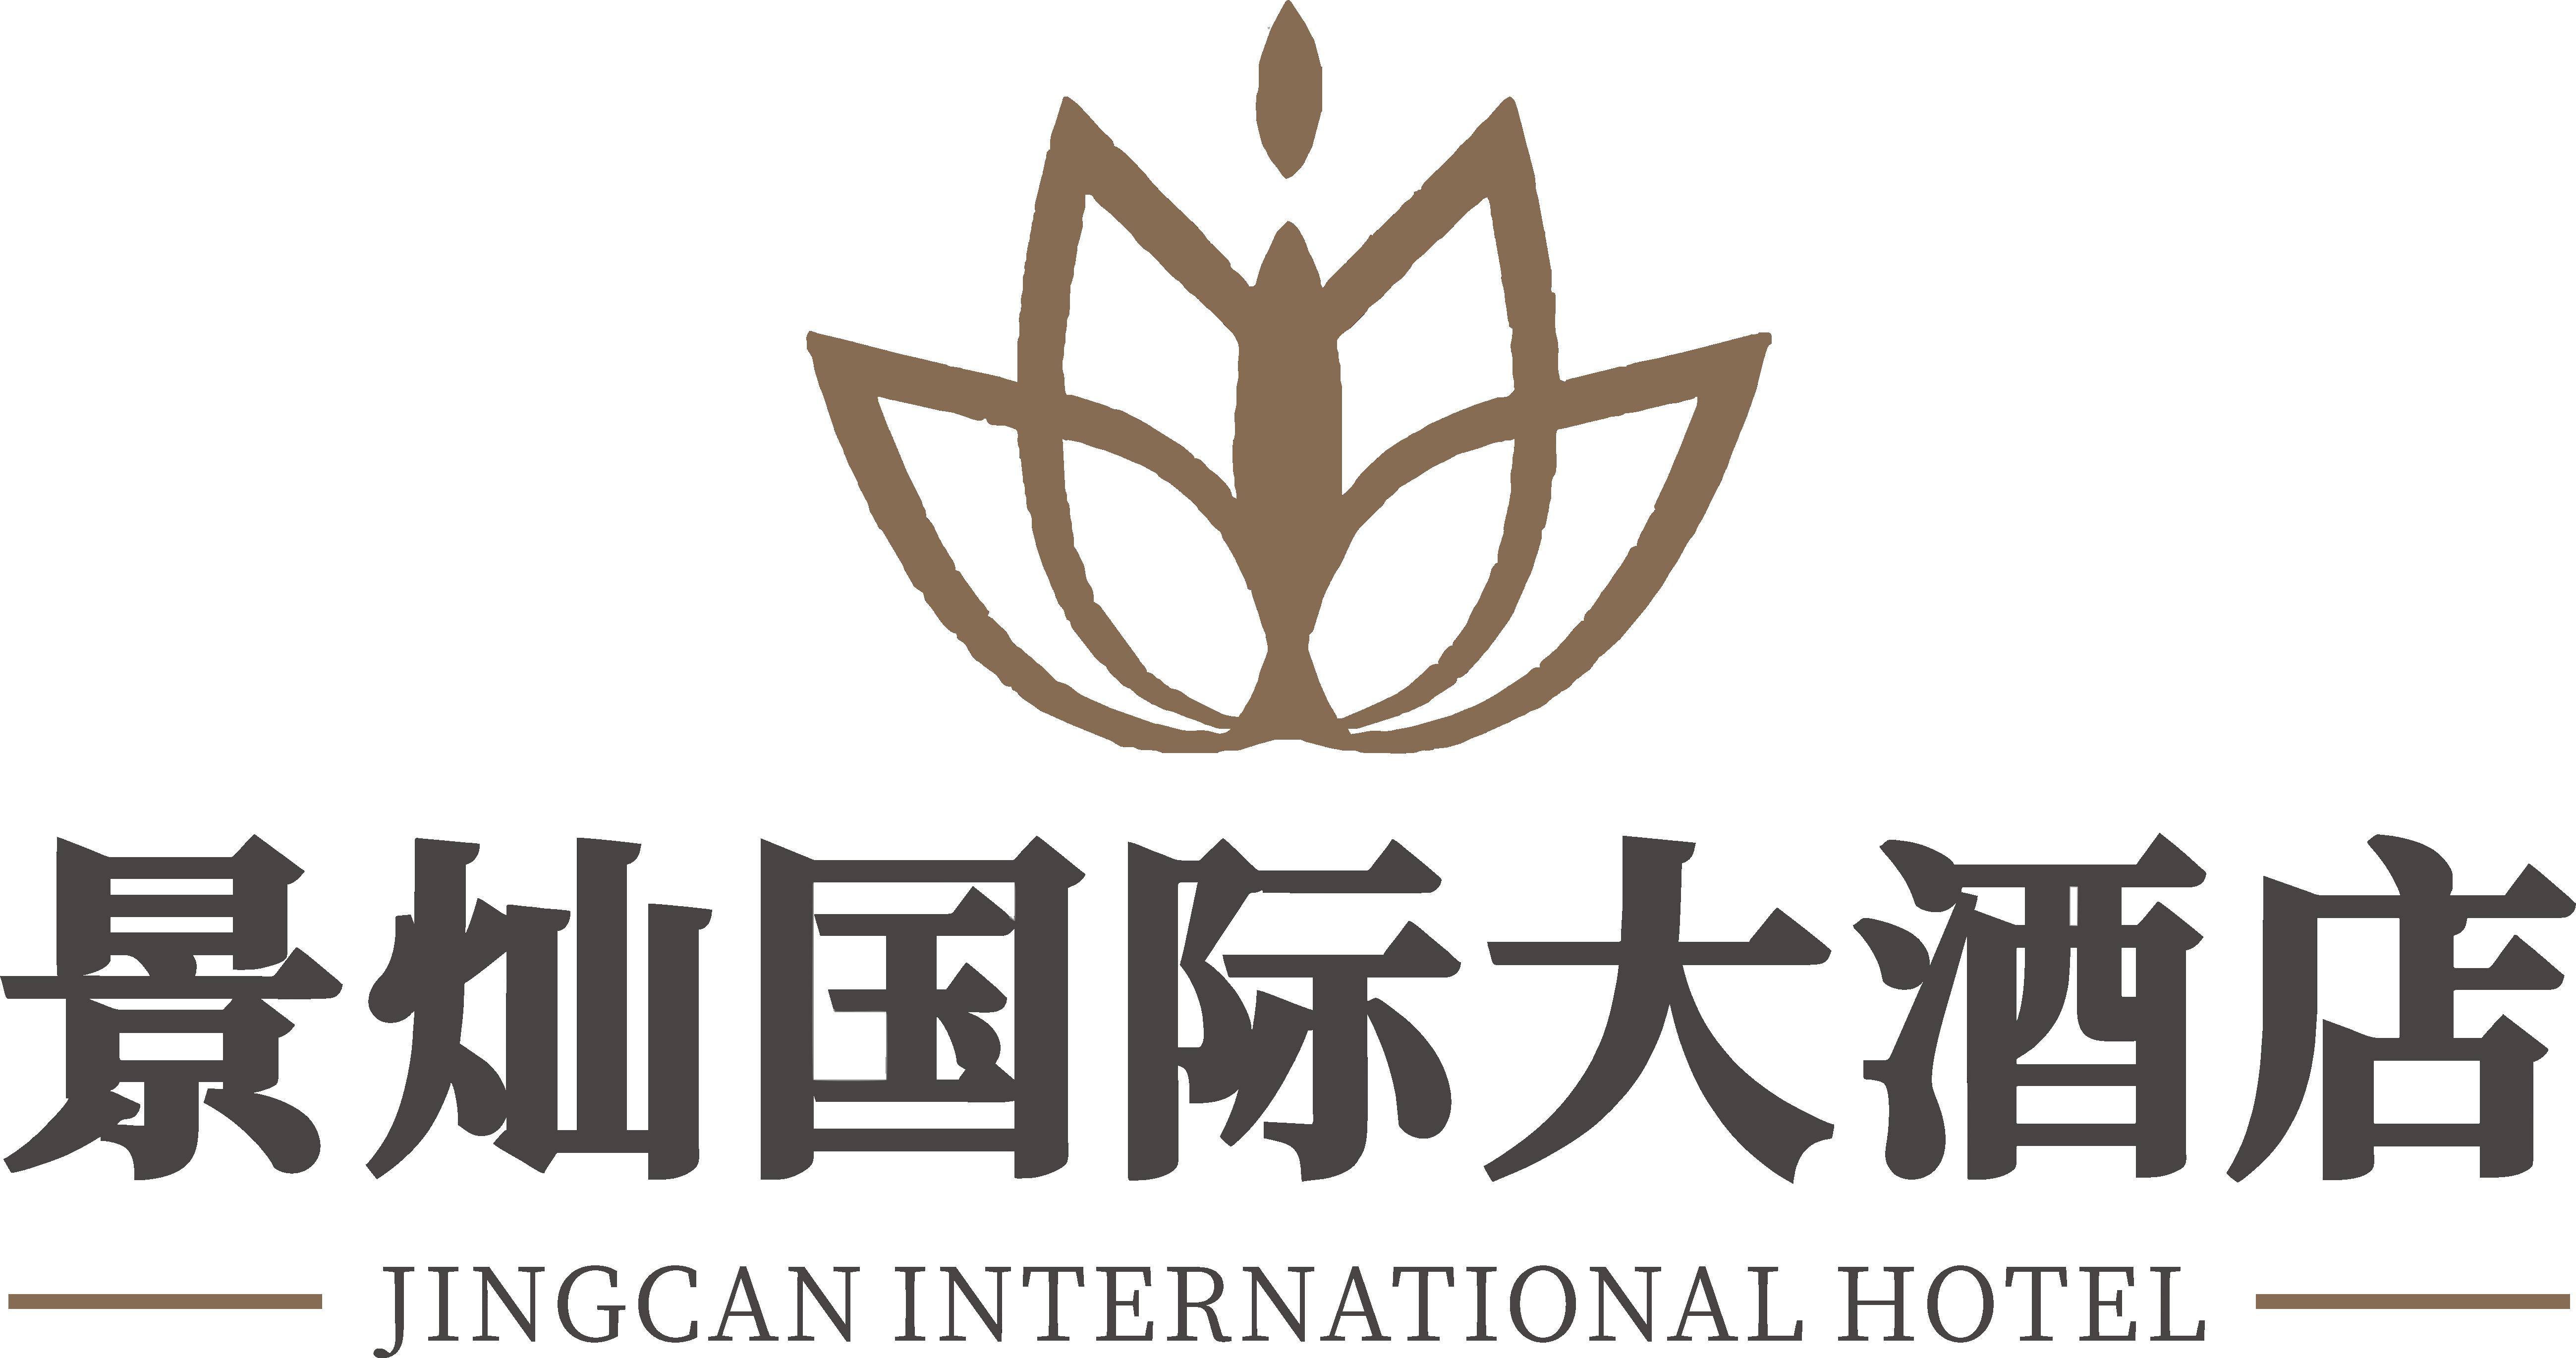 常州景灿国际大酒店的企业标志